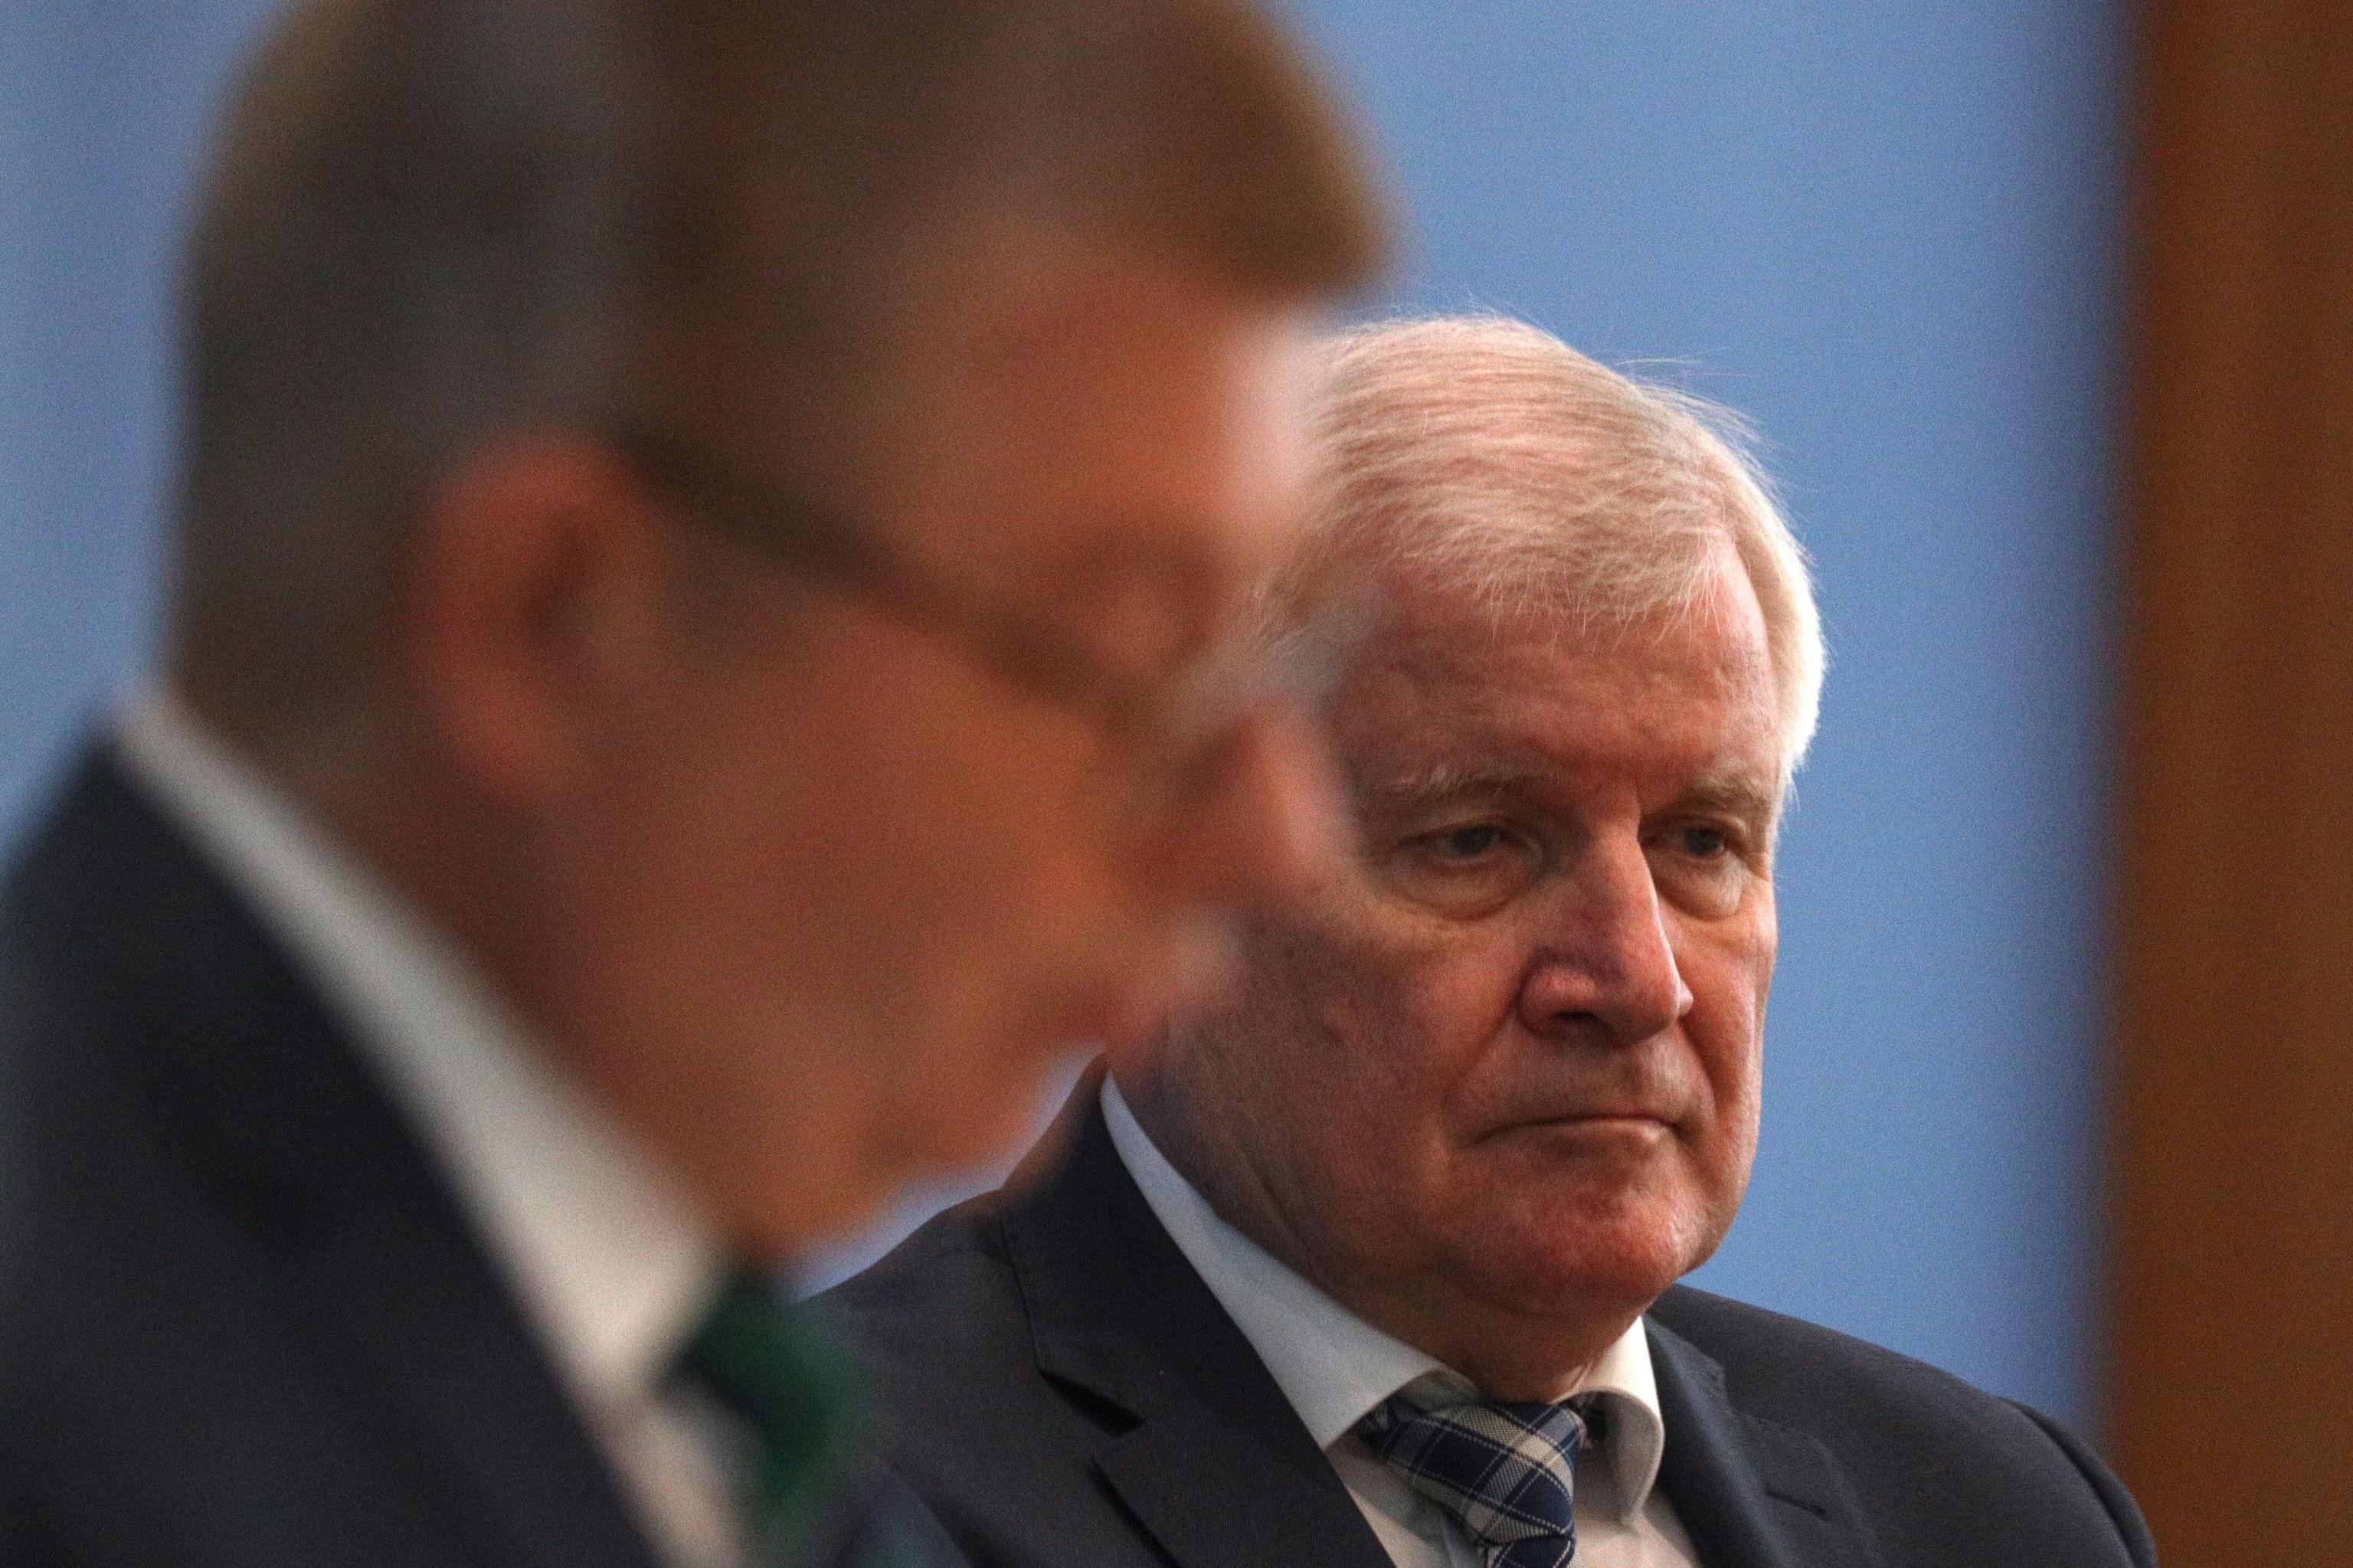 El ministro del Interior alemán, Horst Seehofer, durante una rueda de prensa.